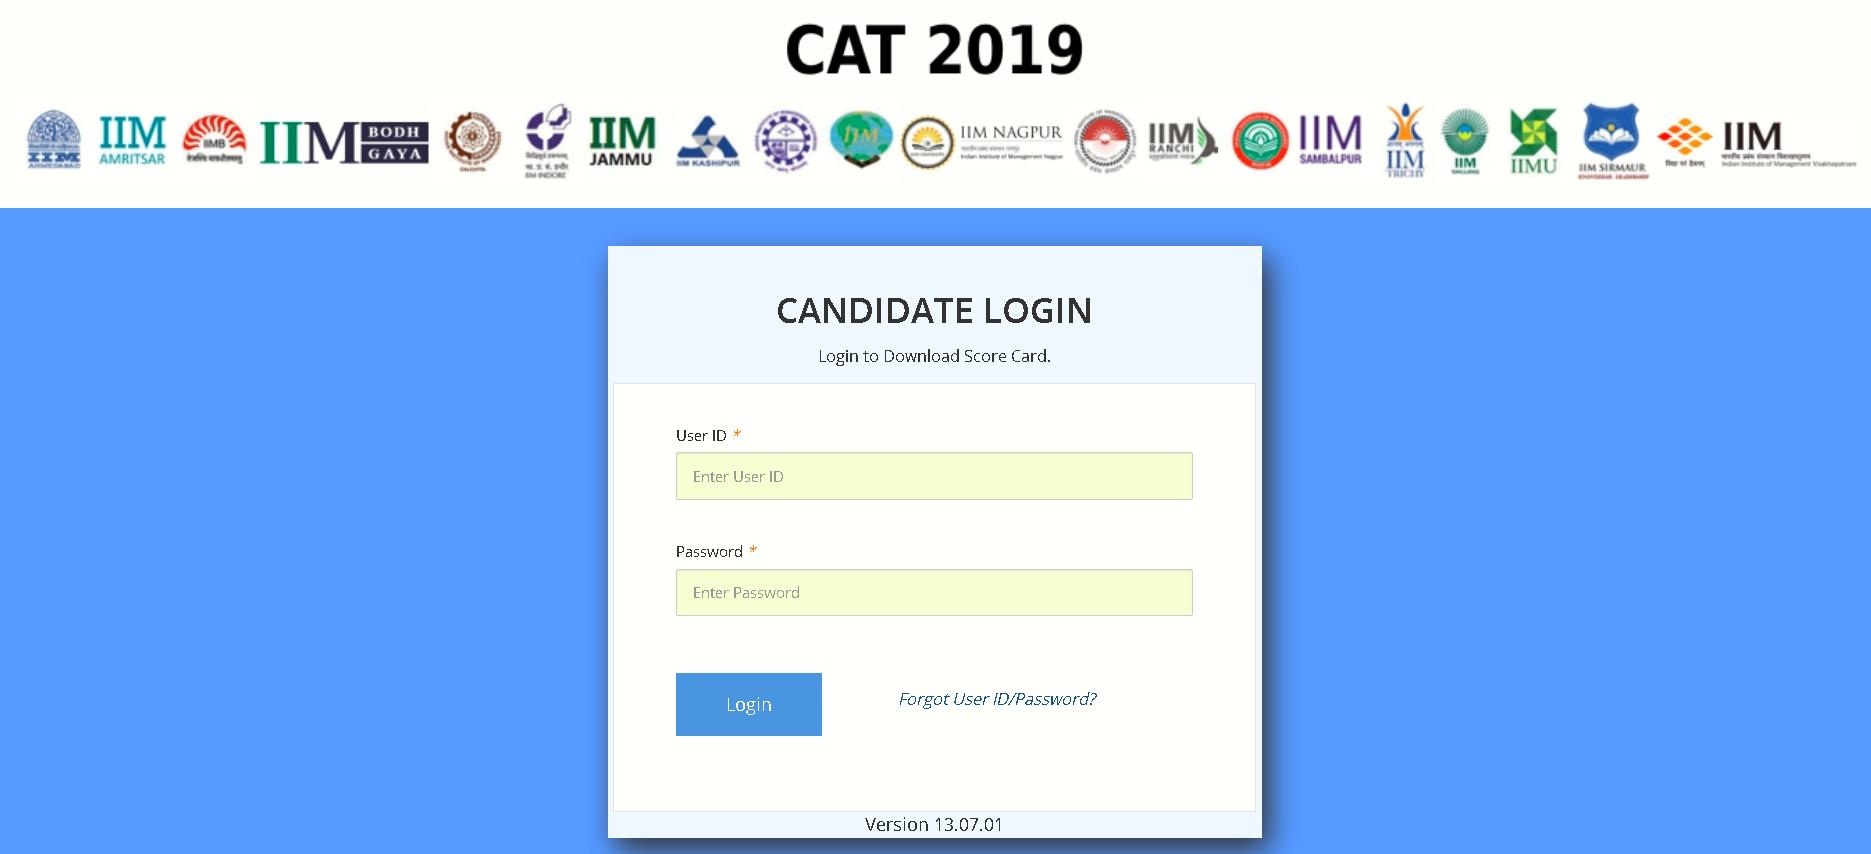 CAT Exam 2019 Result